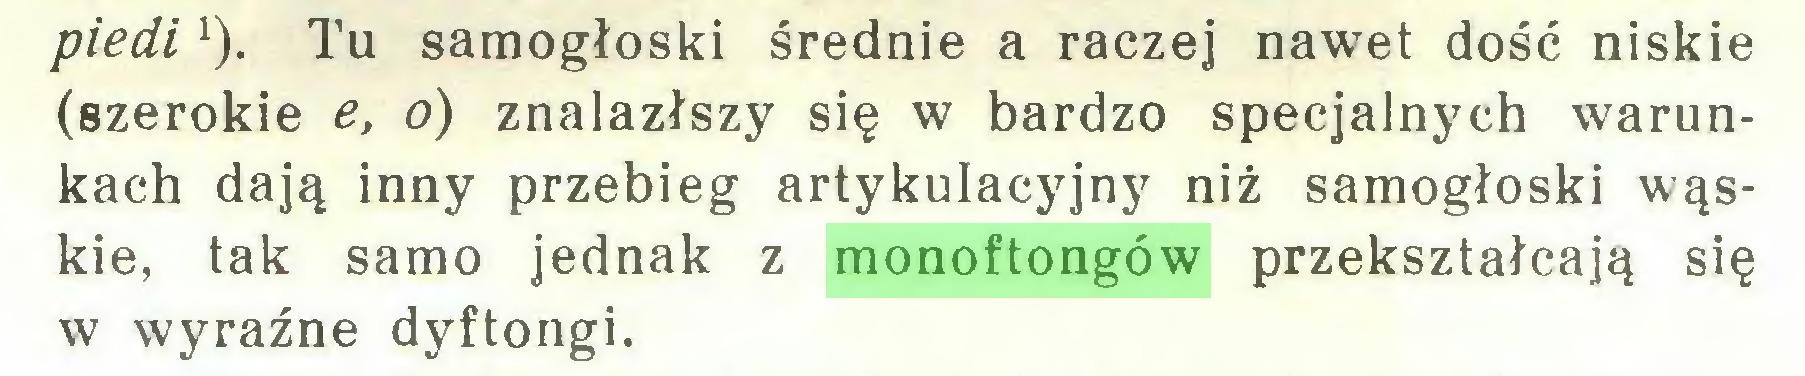 (...) piedi1). Tu samogłoski średnie a raczej nawet dość niskie (szerokie e, o) znalazłszy się w bardzo specjalnych warunkach dają inny przebieg artykulacyjny niż samogłoski wąskie, tak samo jednak z monoftongów przekształcają się w wyraźne dyftongi...